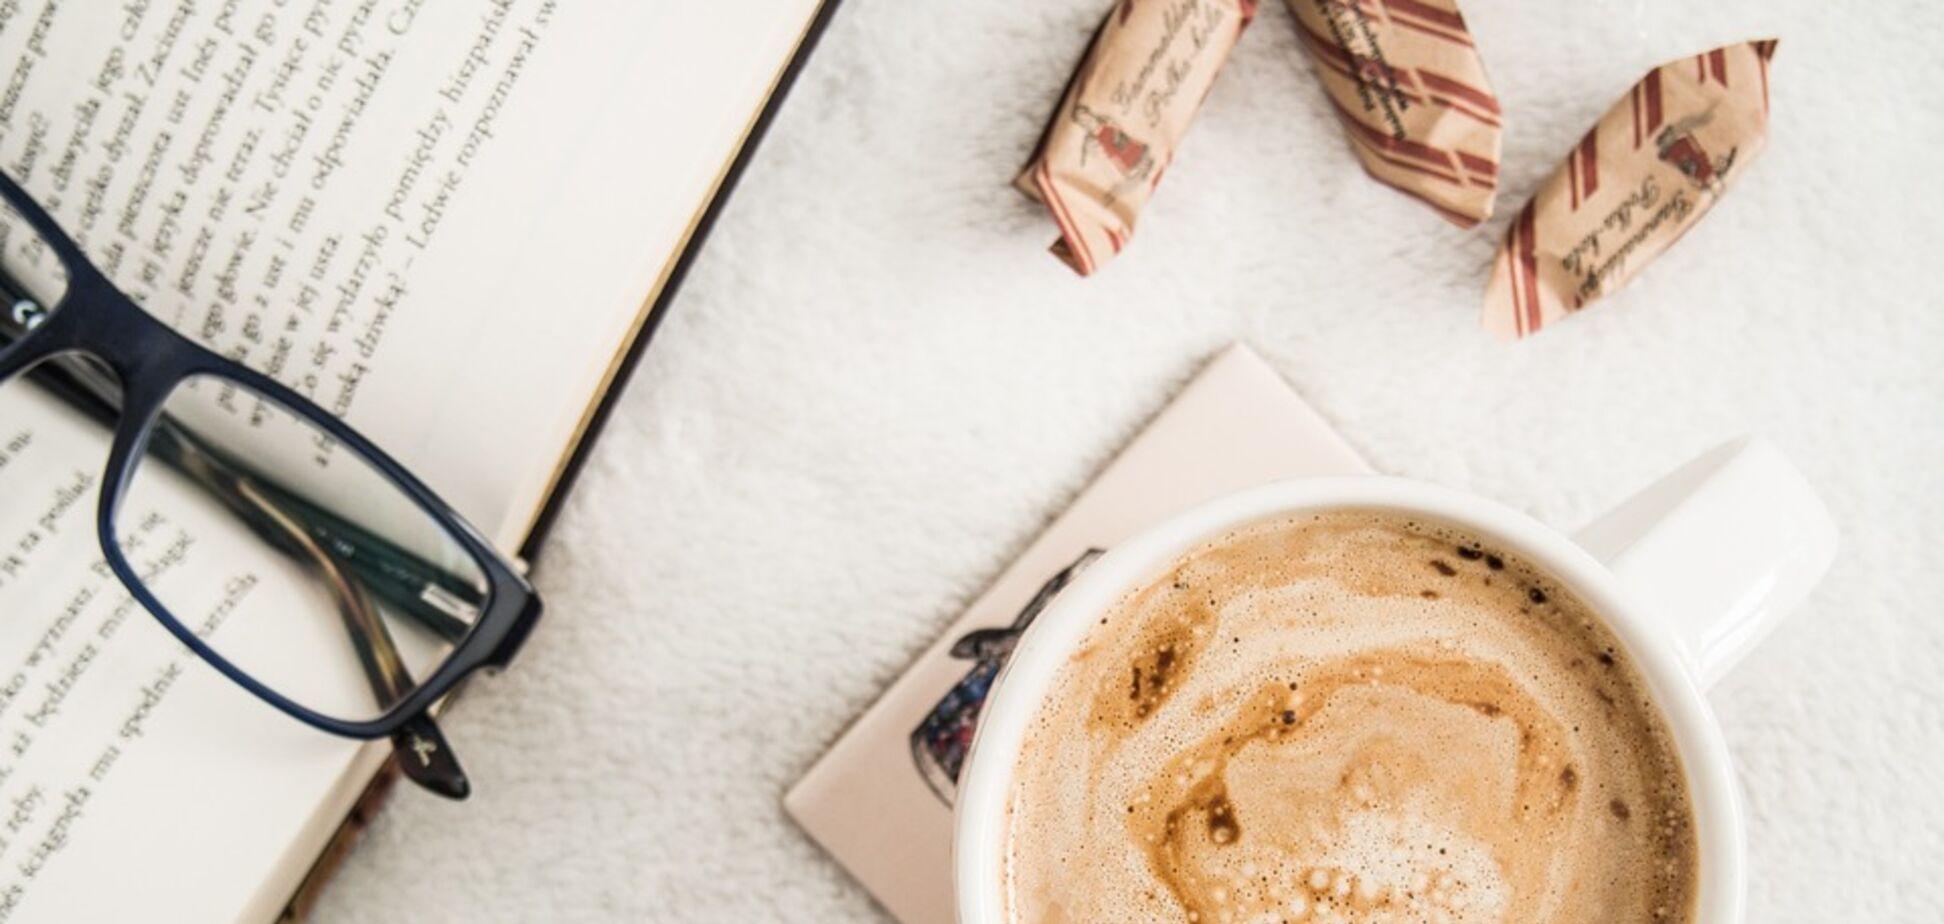 Що почитати на карантині: 5 захоплюючих книг для підняття настрою